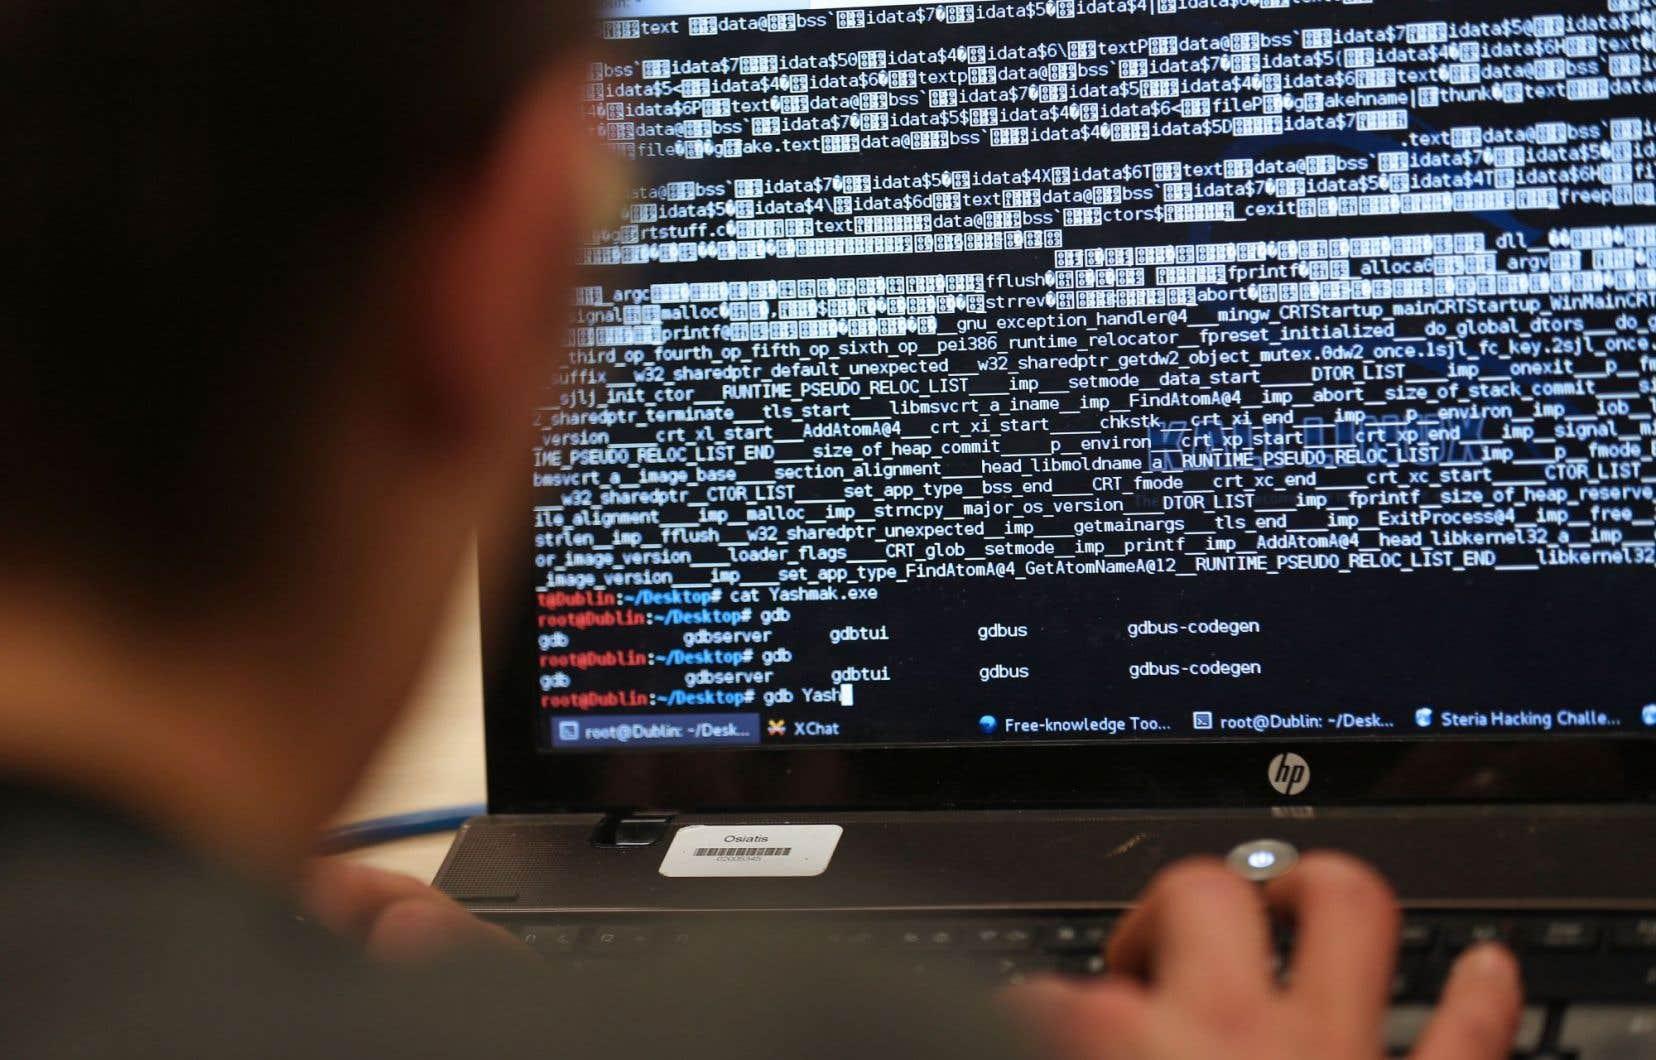 Les cybercriminels infiltrent par exemple le système d'une entreprise, cryptent les données et réclament une rançon pour les rendre à nouveau accessibles.